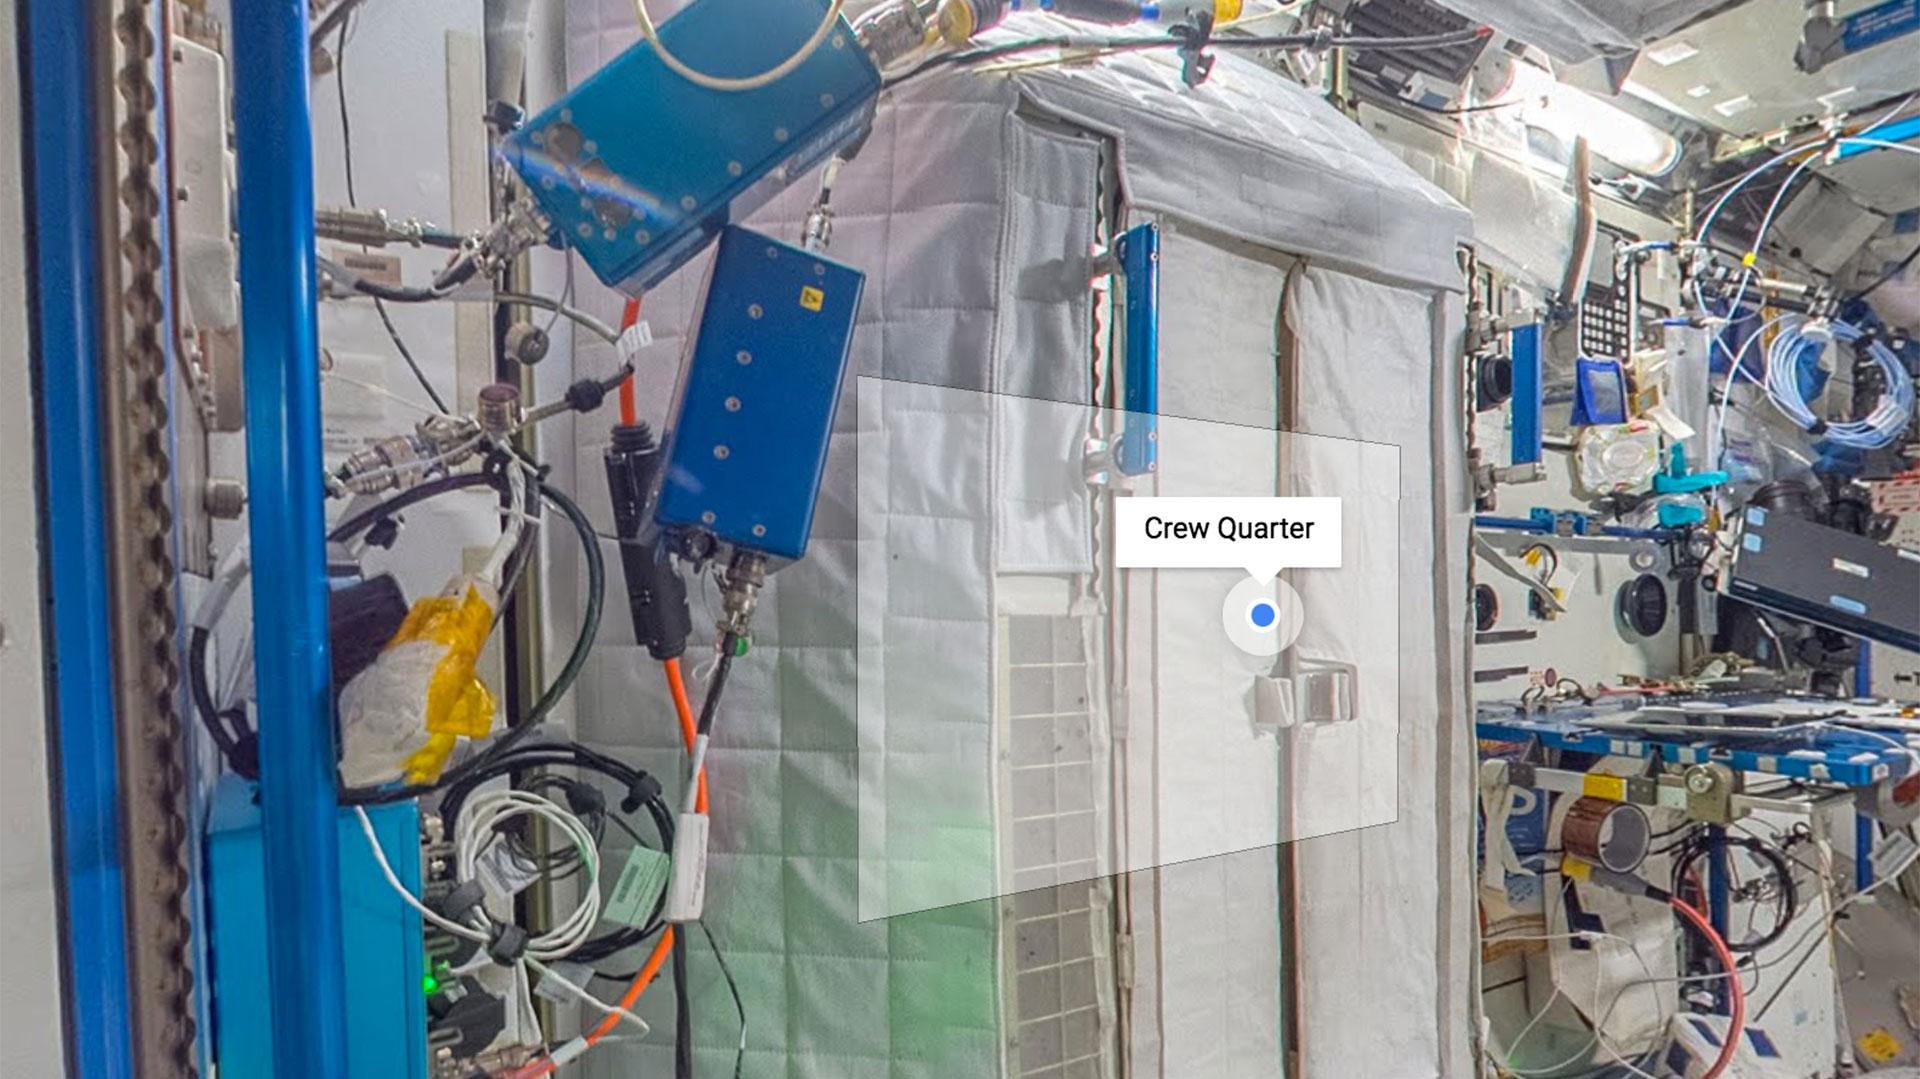 La puerta de un cuartopara los tripulantes de la ISS